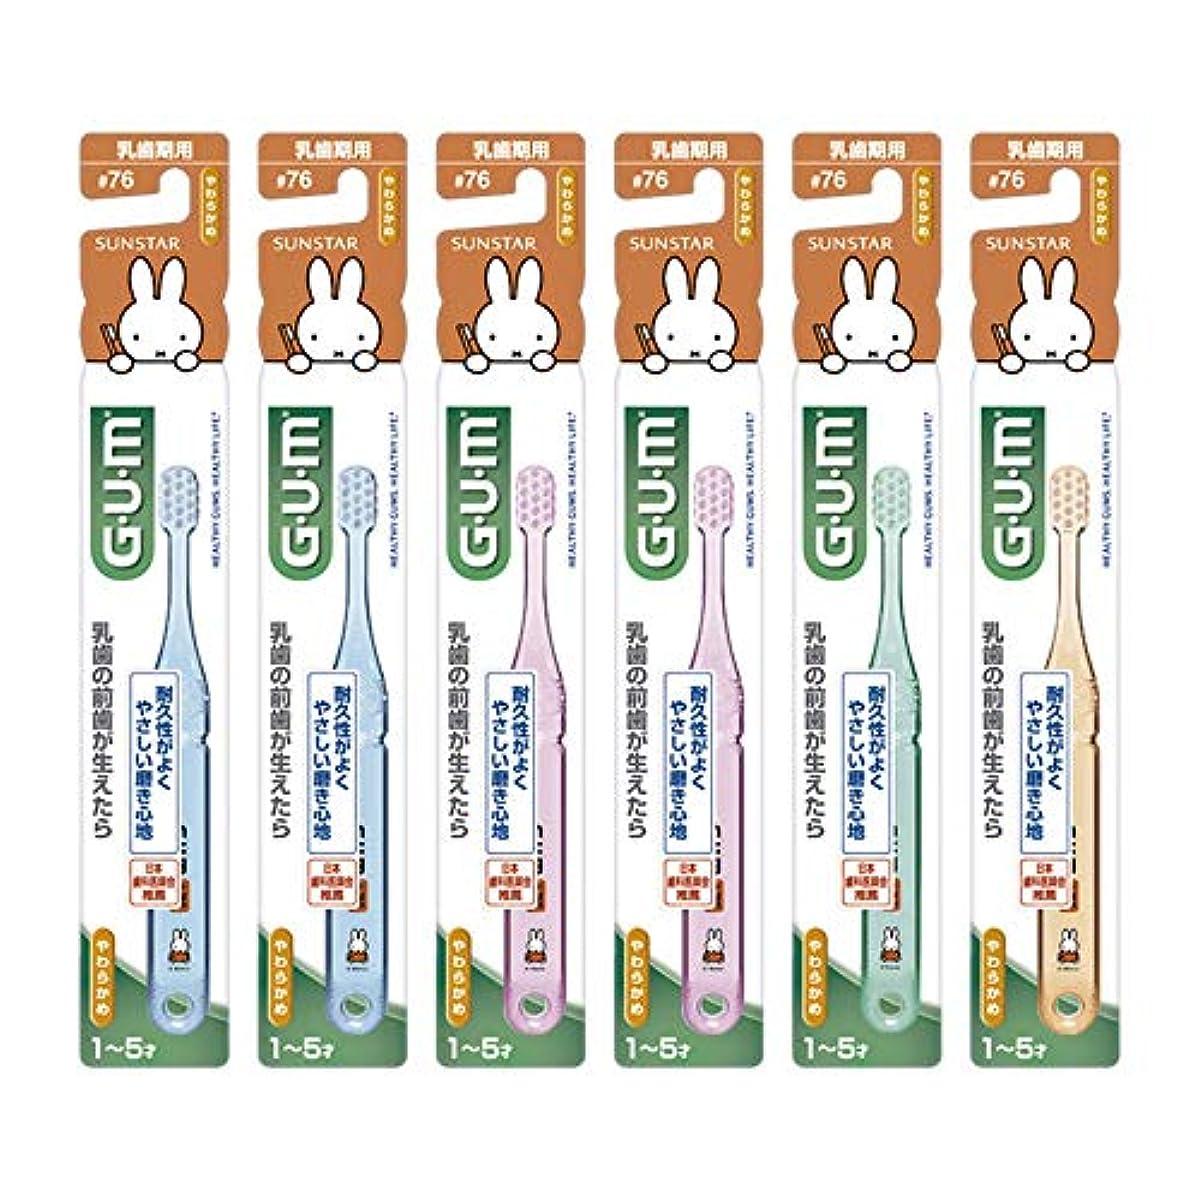 壊れた珍しいラフトGUM(ガム) デンタル こども 歯ブラシ #76 [乳歯期用/やわらかめ] 6本パック+ おまけつき【Amazon.co.jp限定】